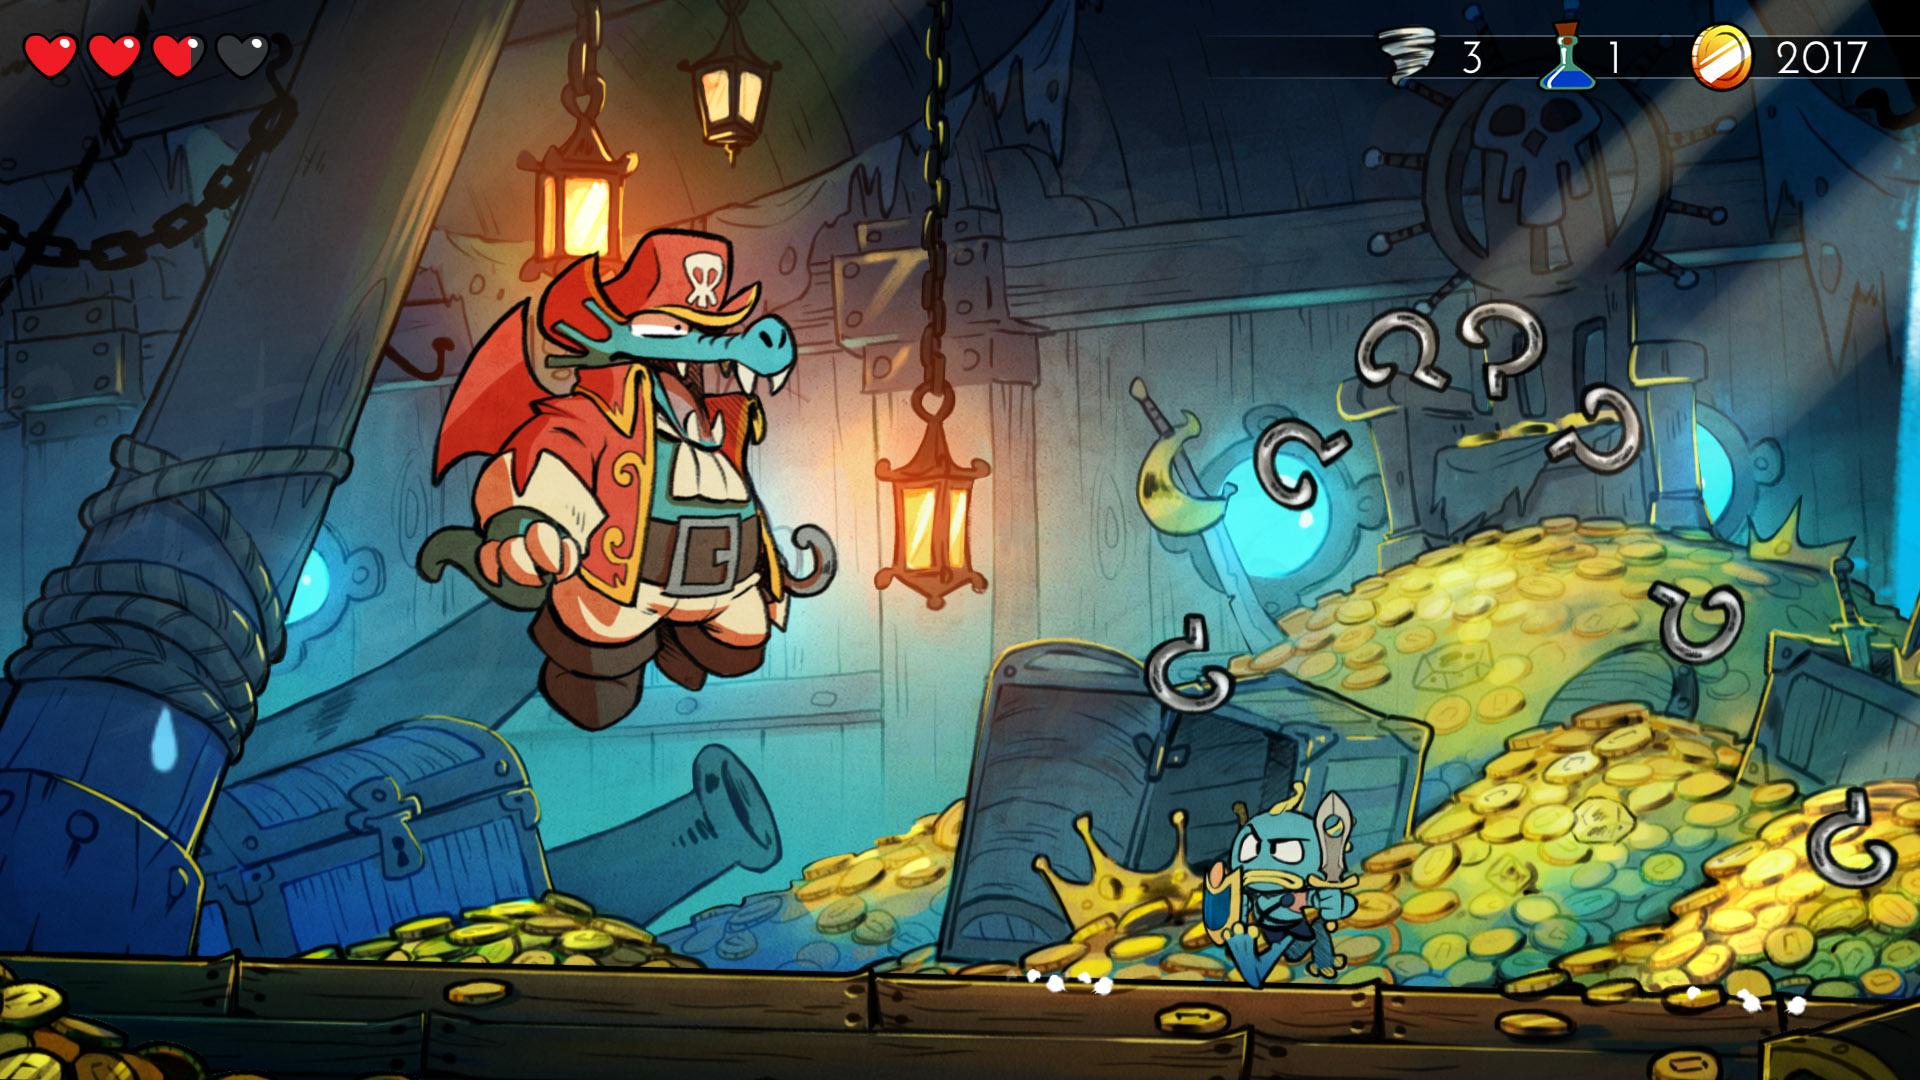 Arrrgh! Get away from me gold Pirahna man!